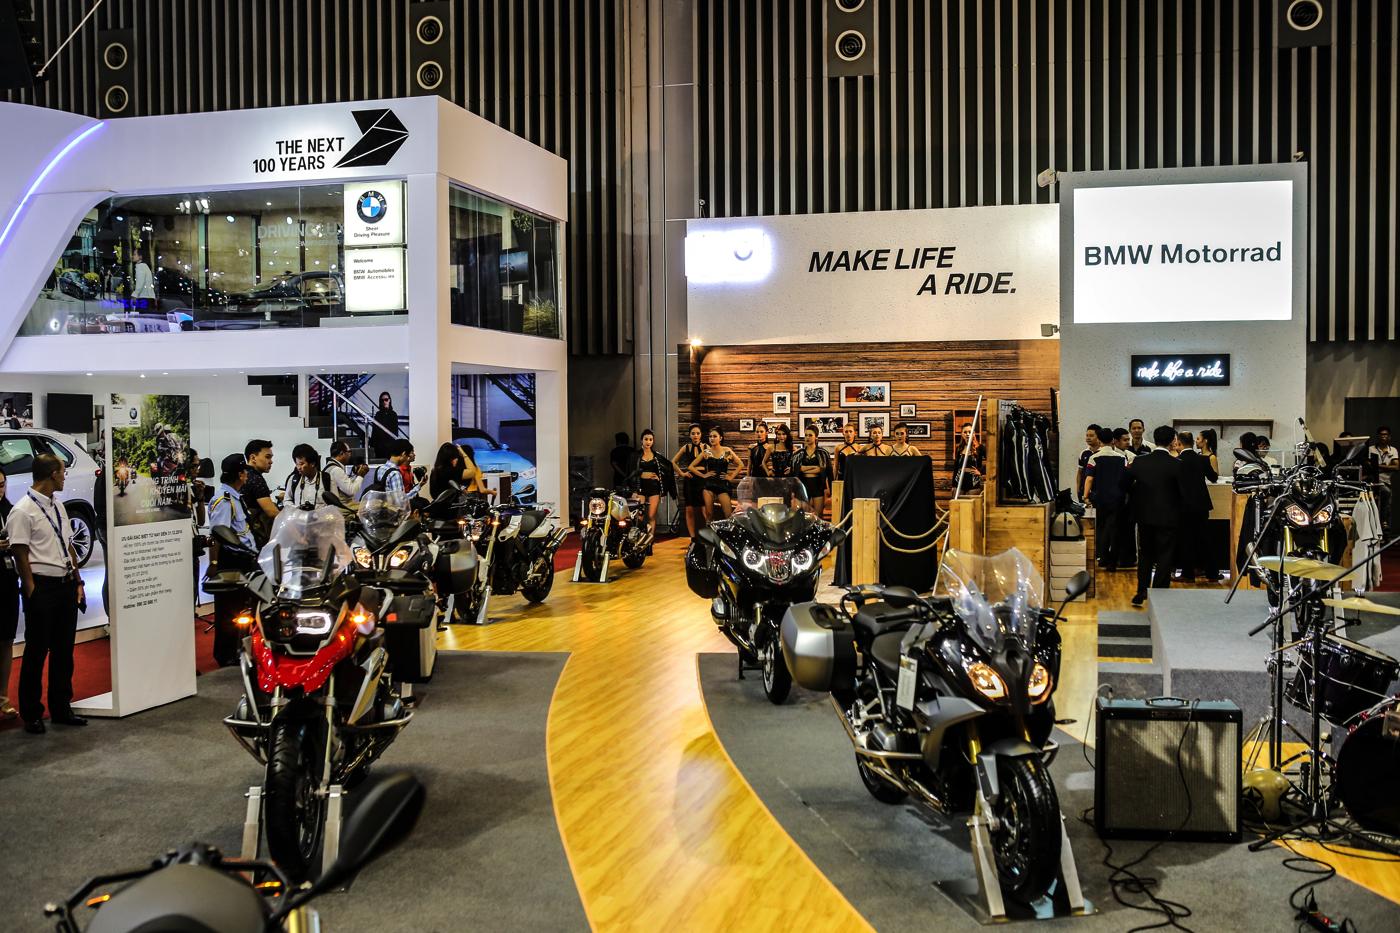 Các sản phẩm tại gian hàng BMW Motorrad.